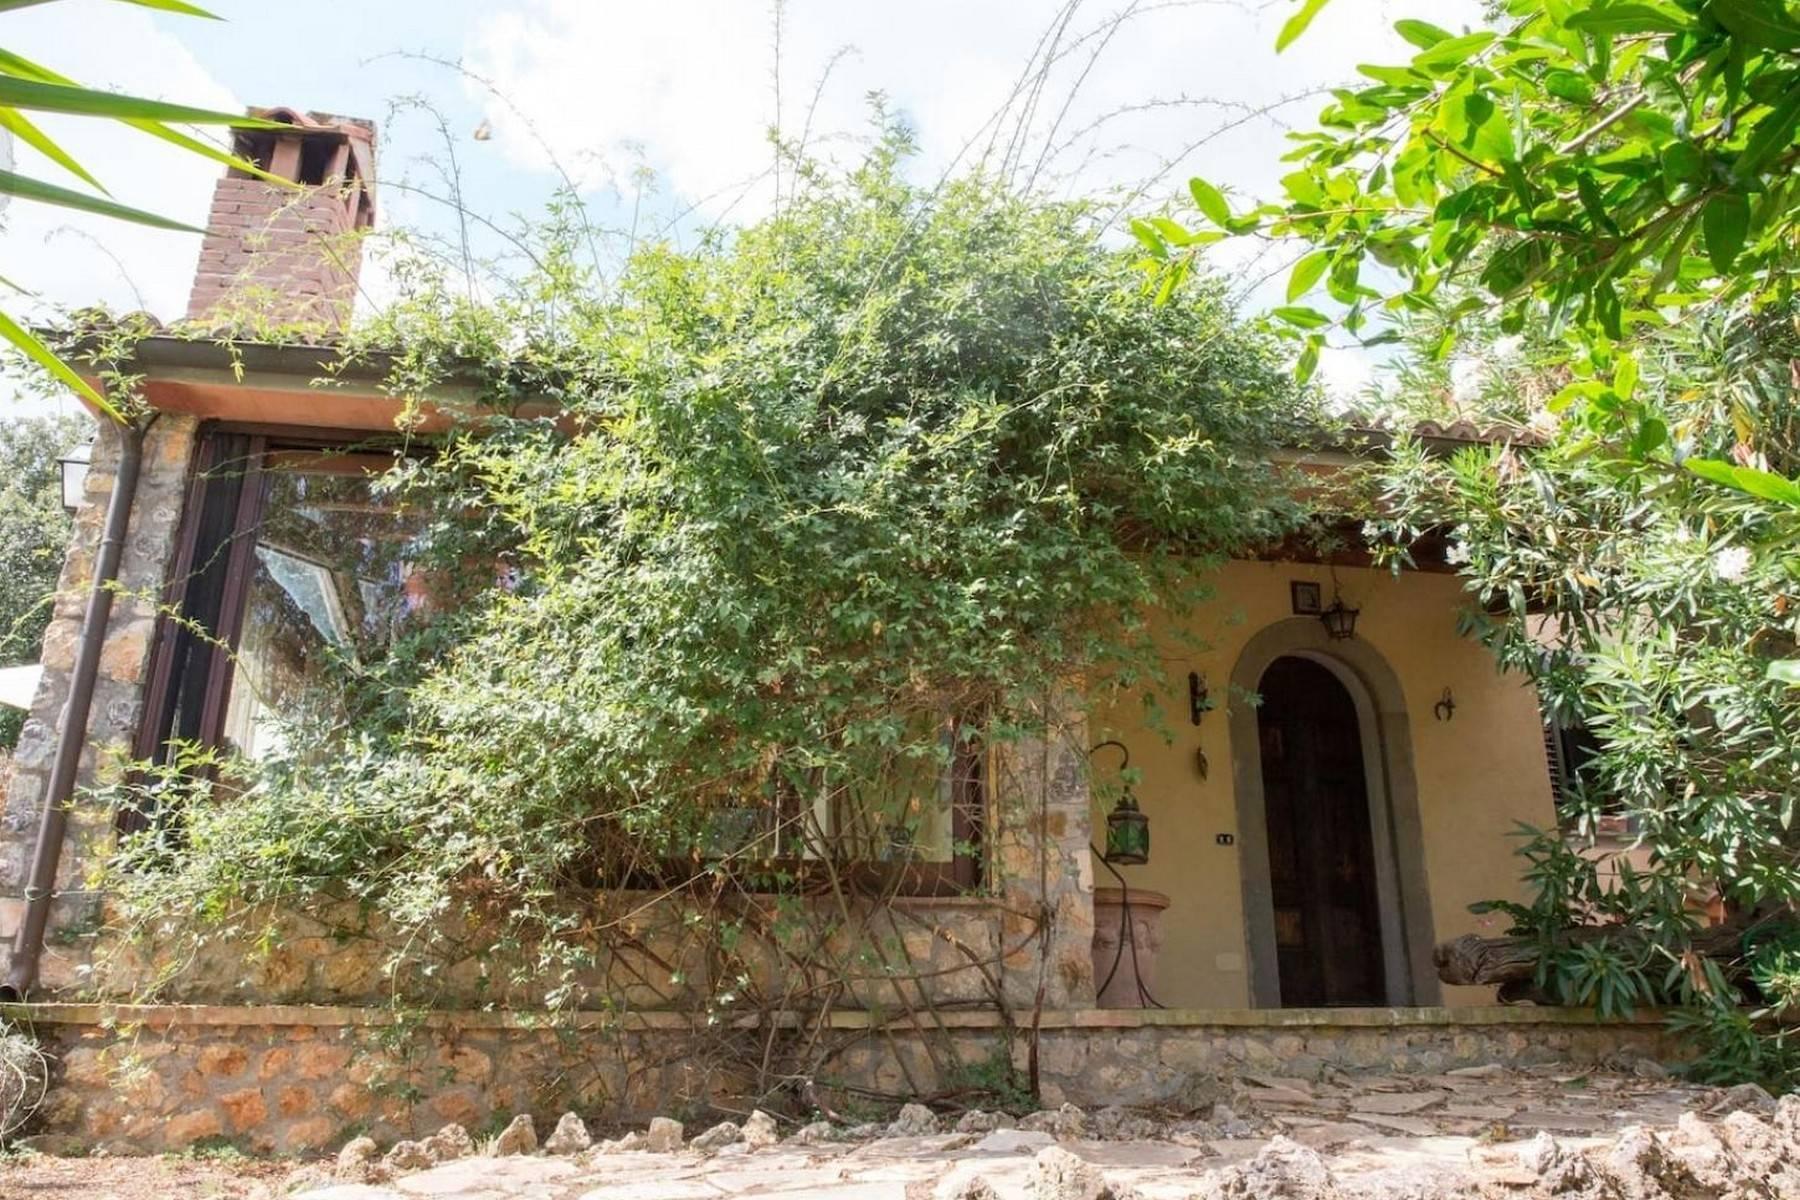 Rustico in Vendita a Capalbio: 5 locali, 170 mq - Foto 22